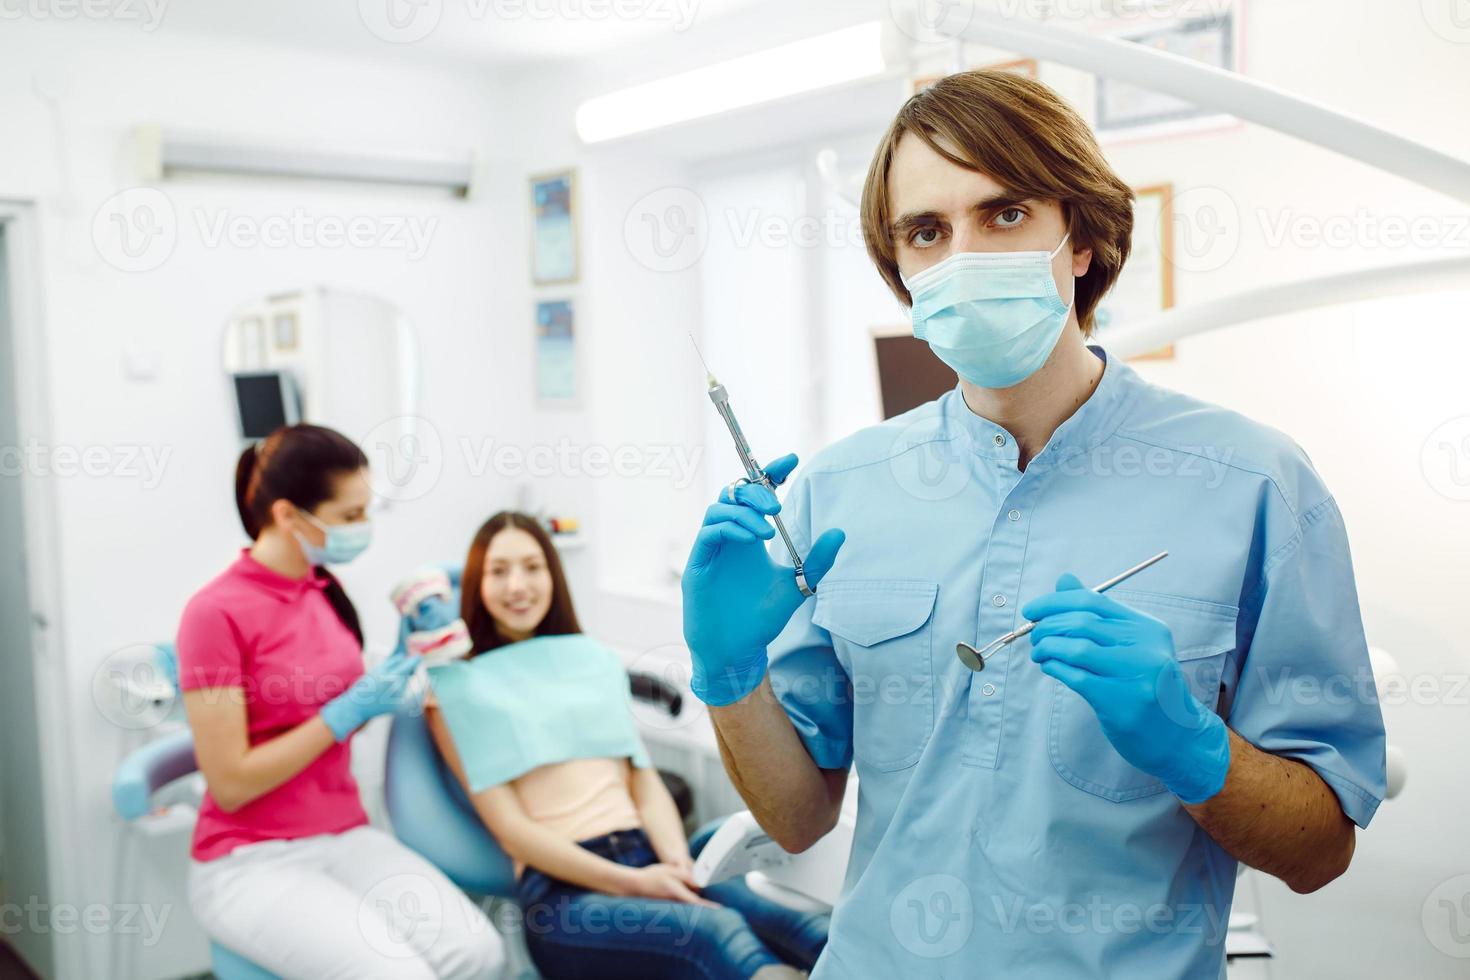 tandbedövning på bakgrund av patienten foto